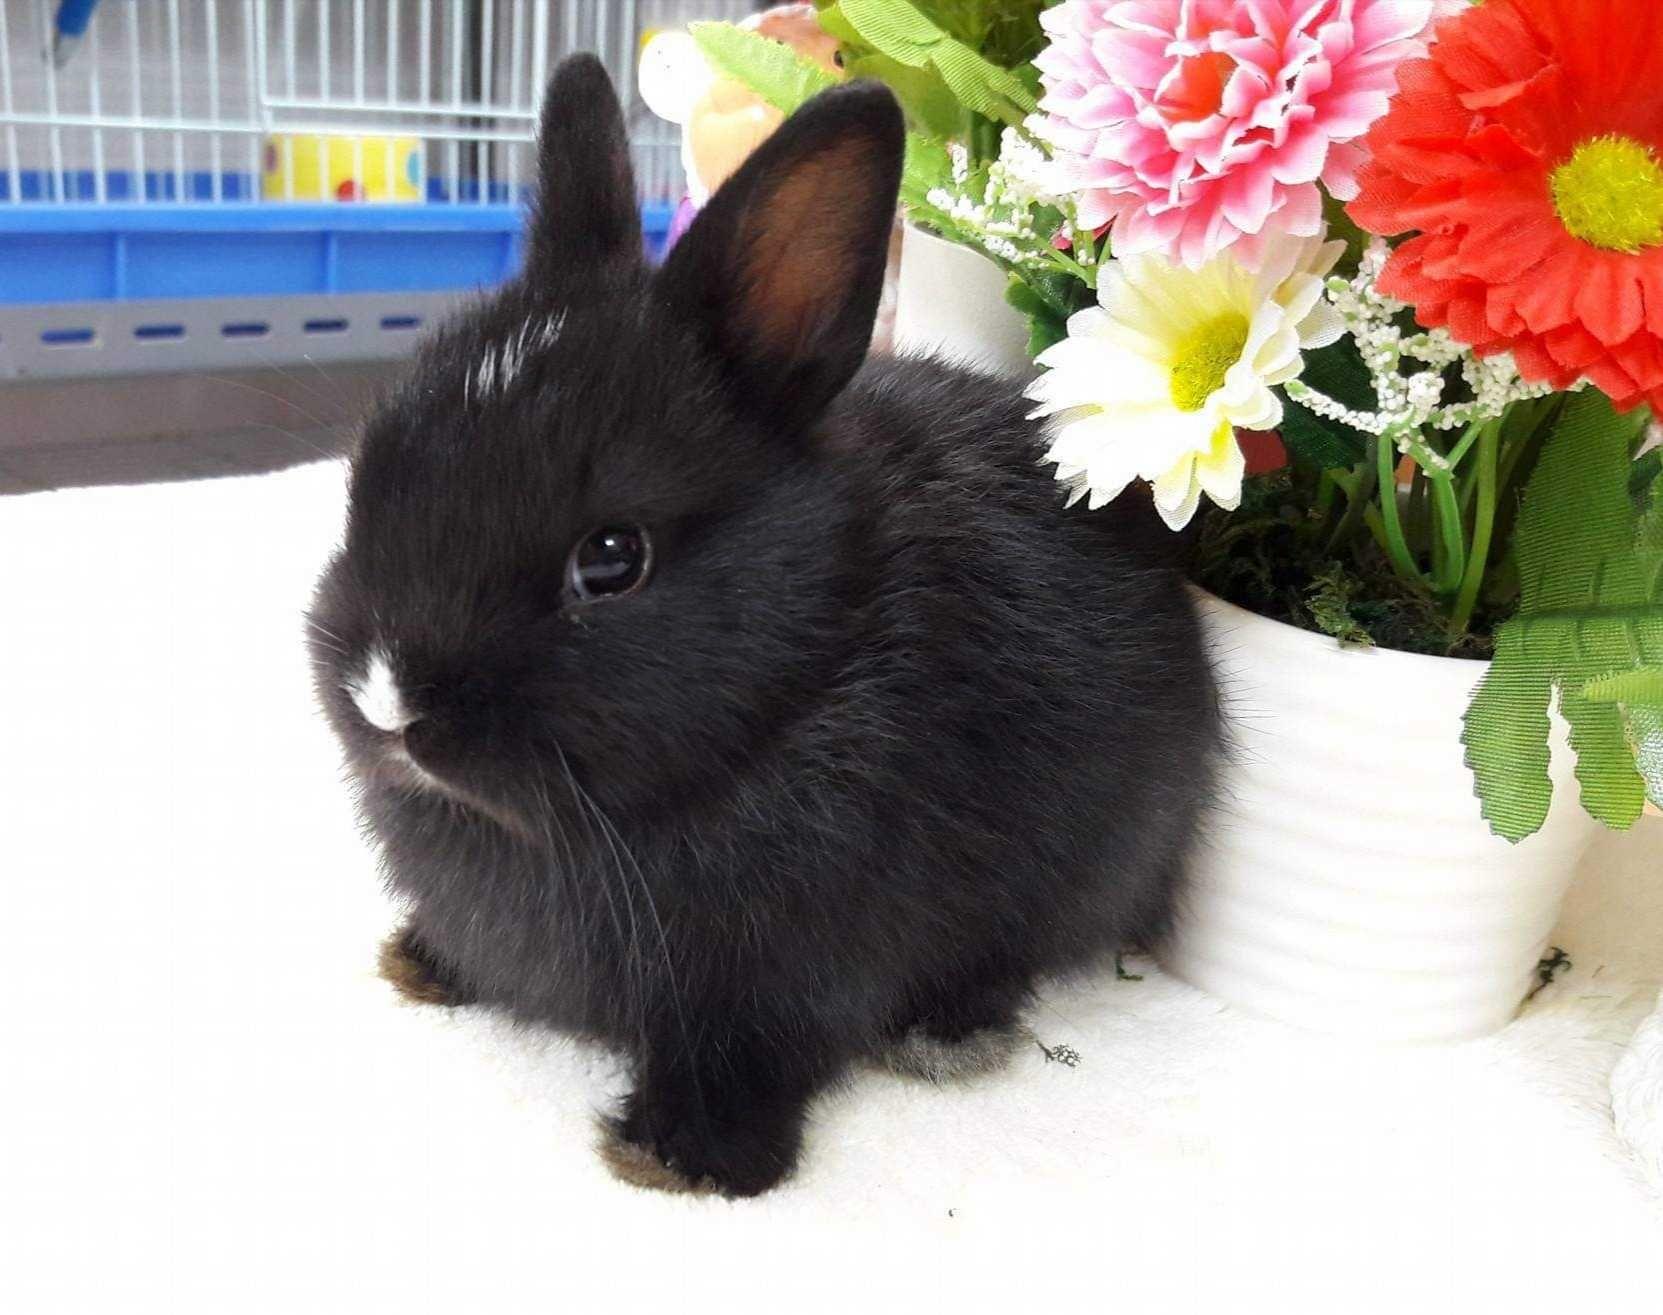 KIT completo coelhos anões mini, várias cores